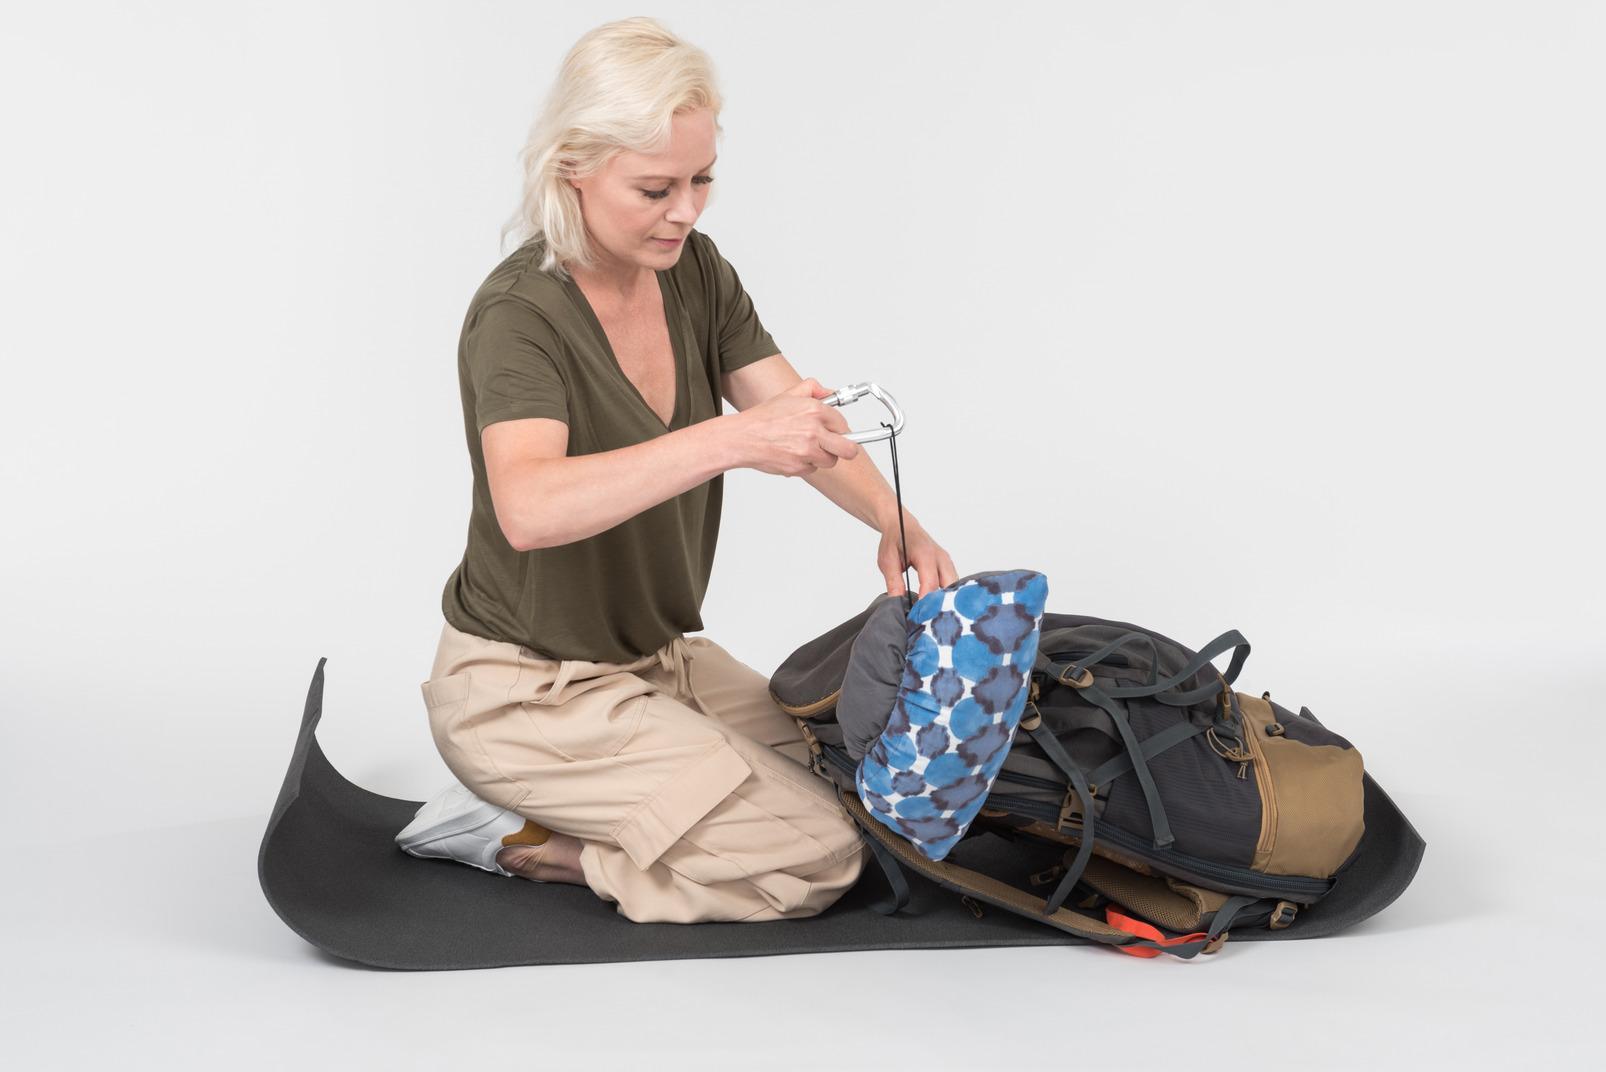 Preparing backpack load for journey